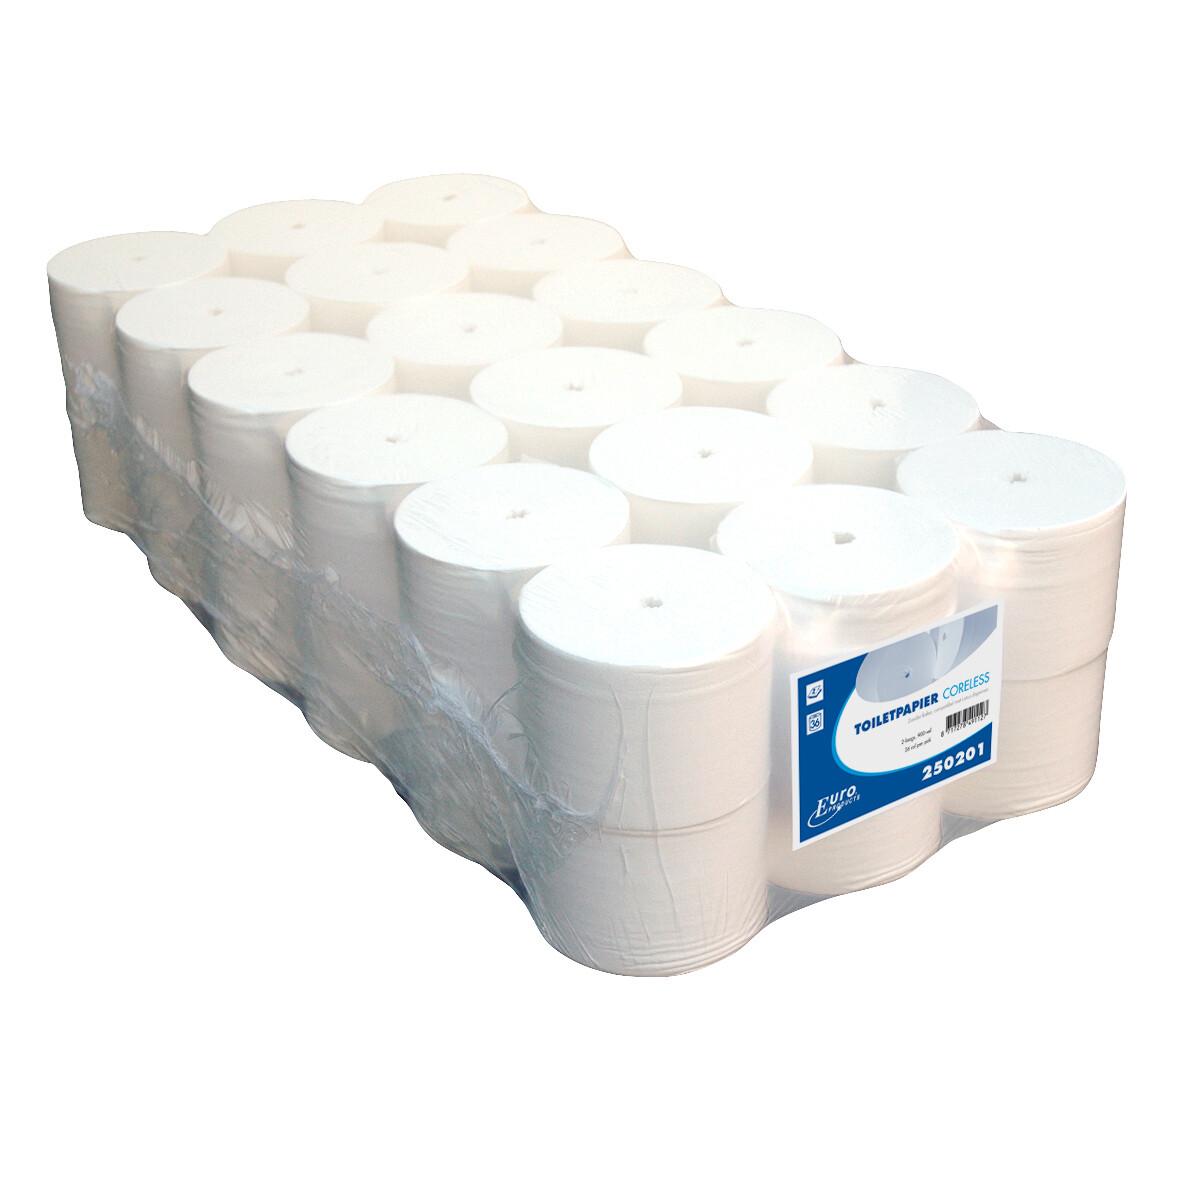 250202 Euro coreless toiletpapier, pak van 36 rollen